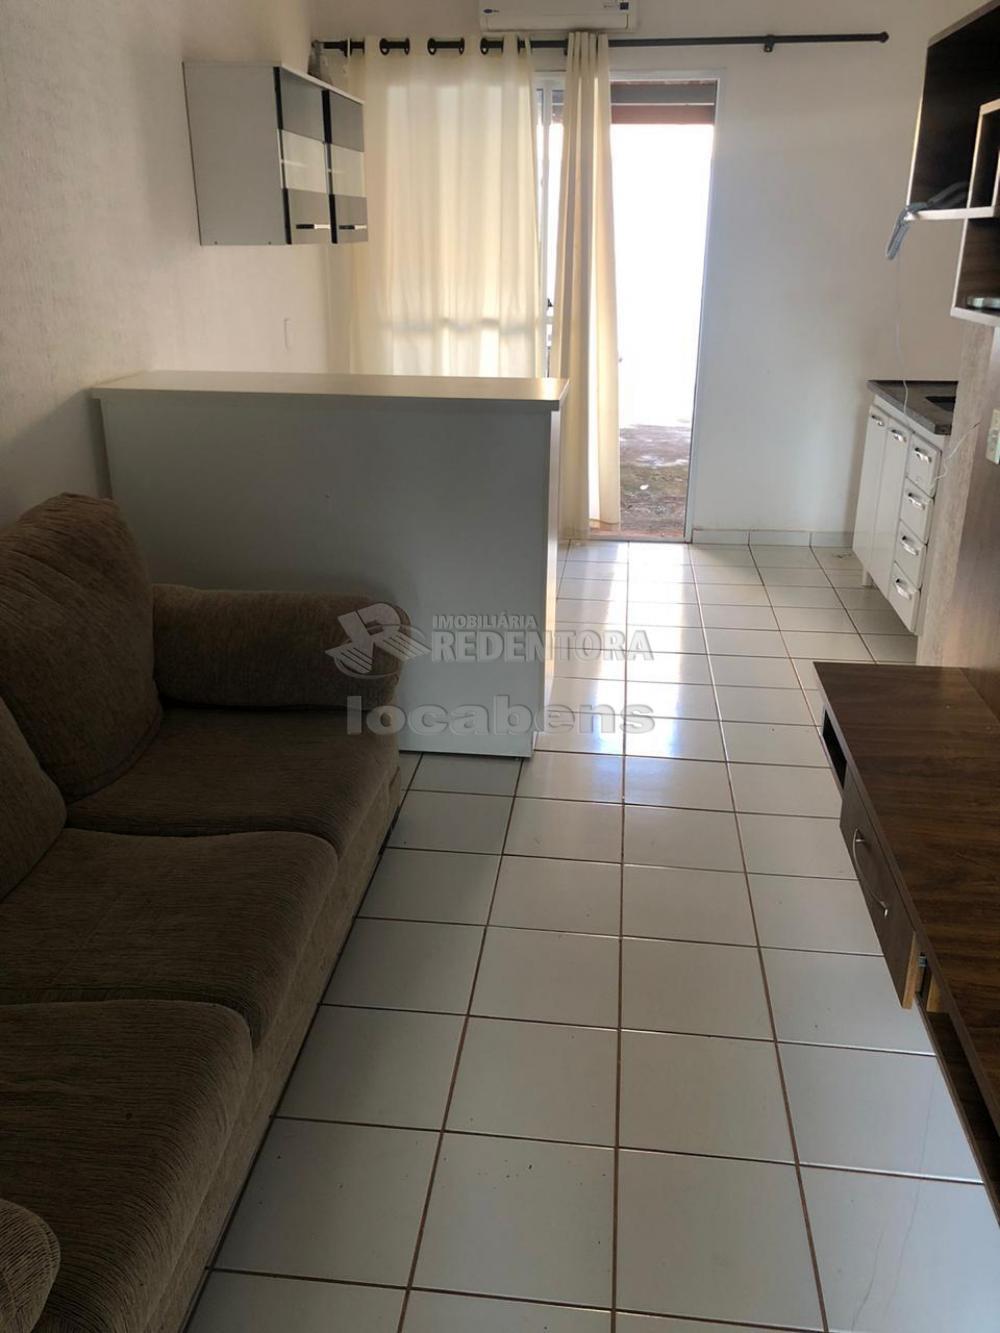 Alugar Casa / Condomínio em São José do Rio Preto apenas R$ 1.000,00 - Foto 3